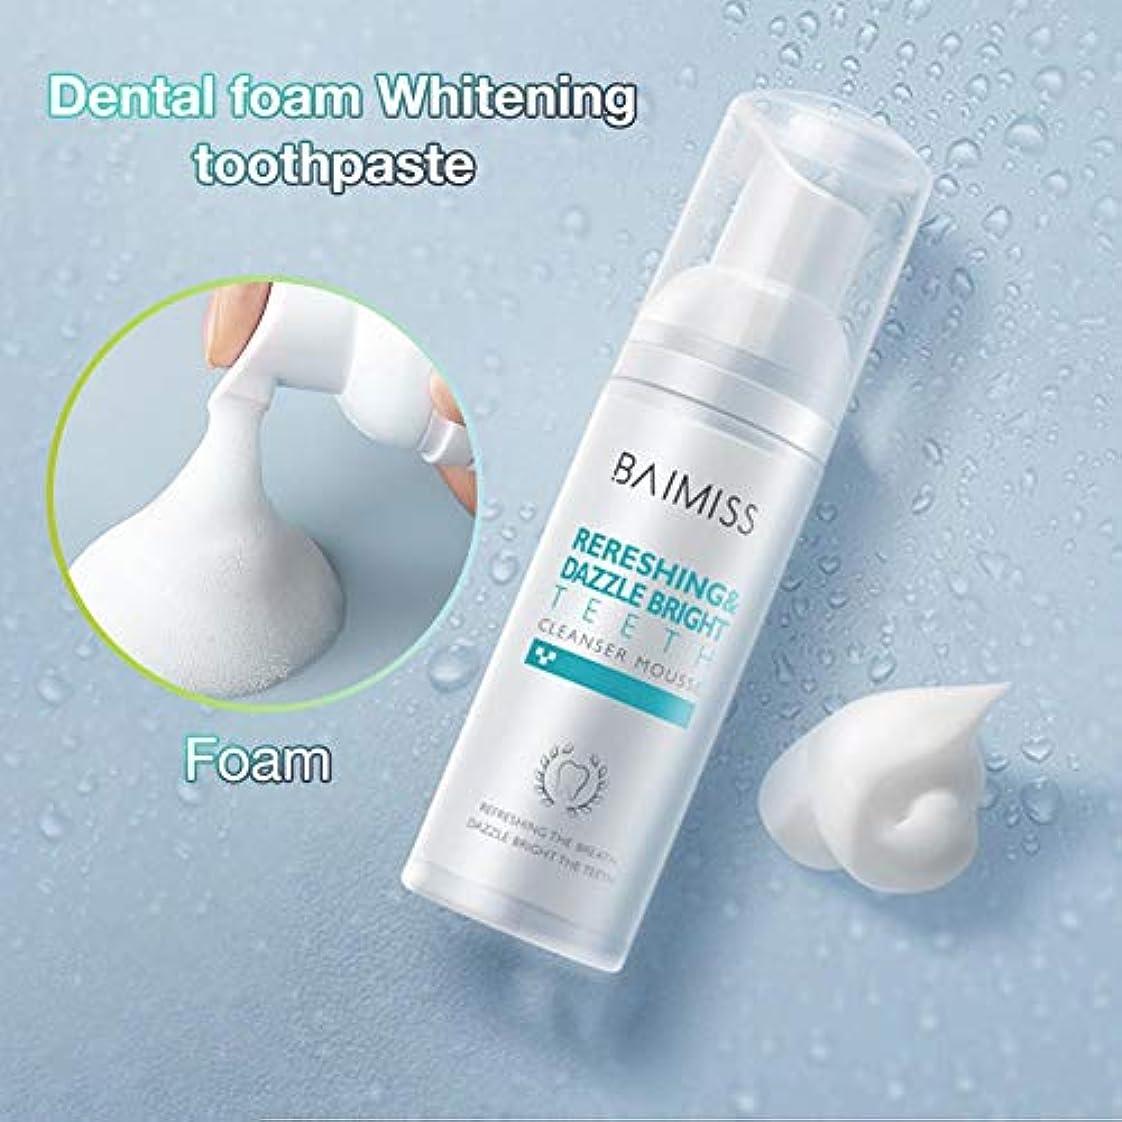 警告バスオール歯科用フォーム液体歯磨 クリアクリーン デンタル ホワイトニング マウスウォッシュ 口内洗浄液 低刺激 60ml 口の自然な防御力を強化60ml